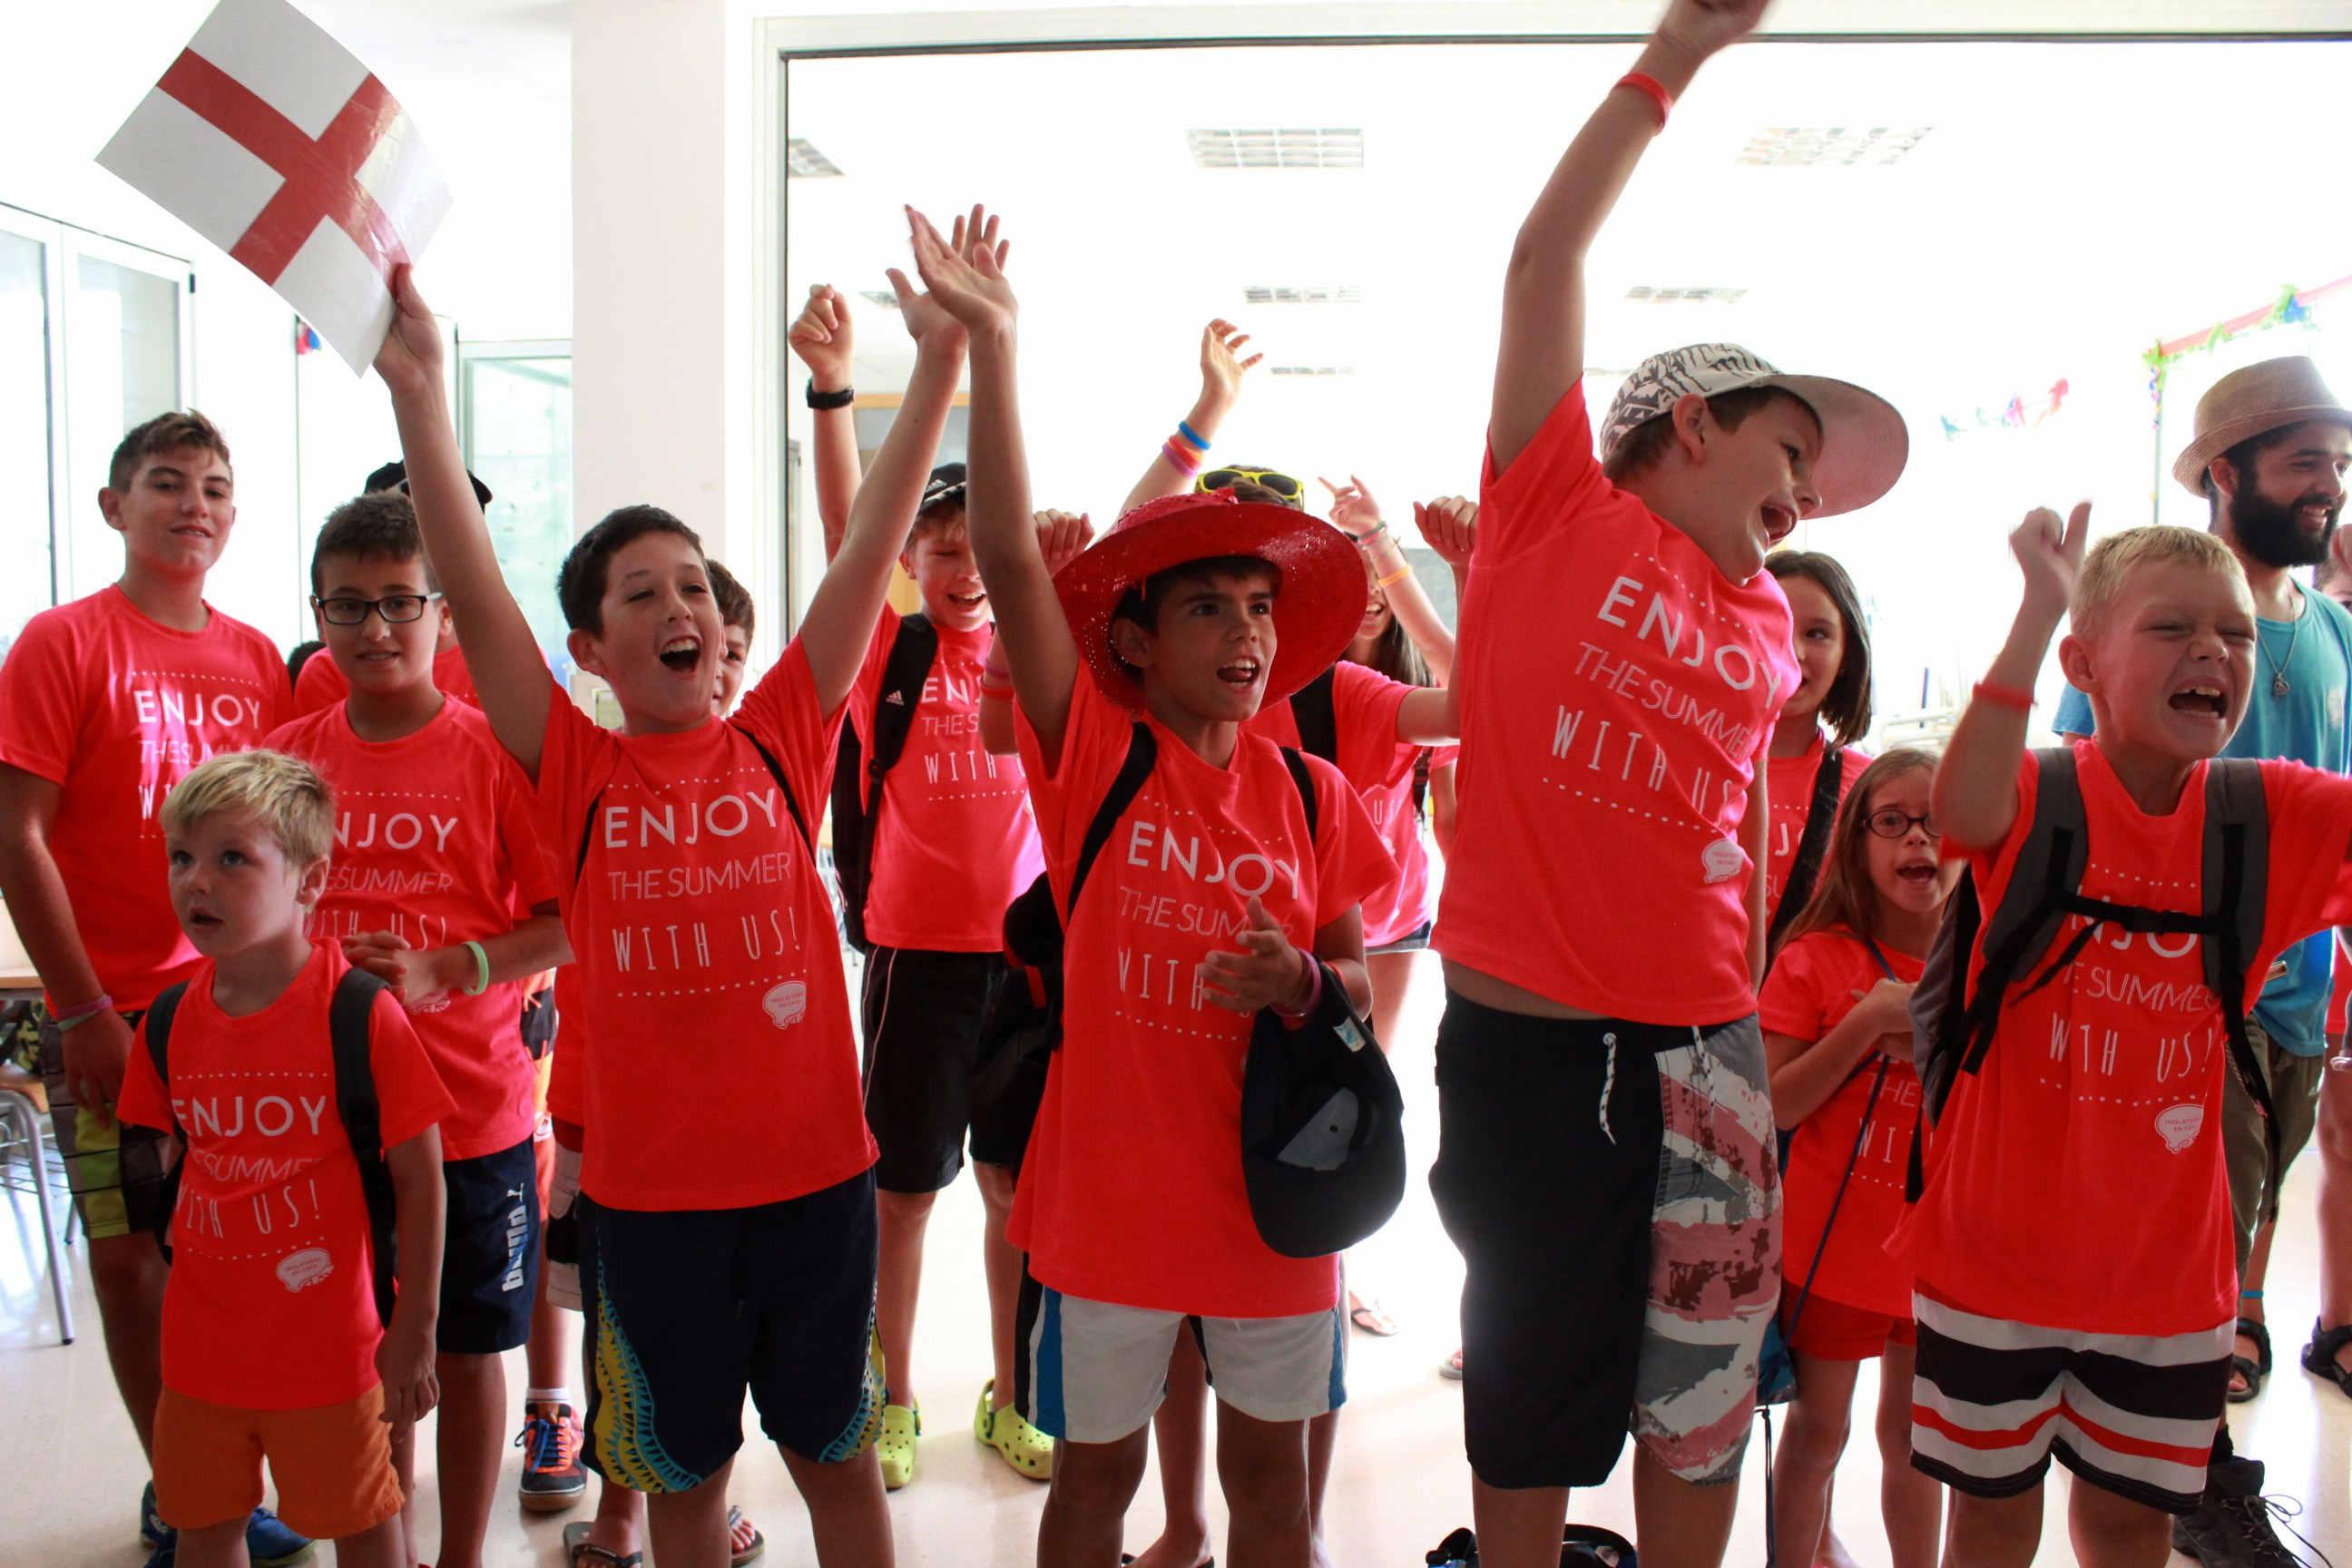 Tras 6 años, del 5 al 30 de julio , vuelve la Summer School a Benissa para seguir siendo la mejor escuela de verano